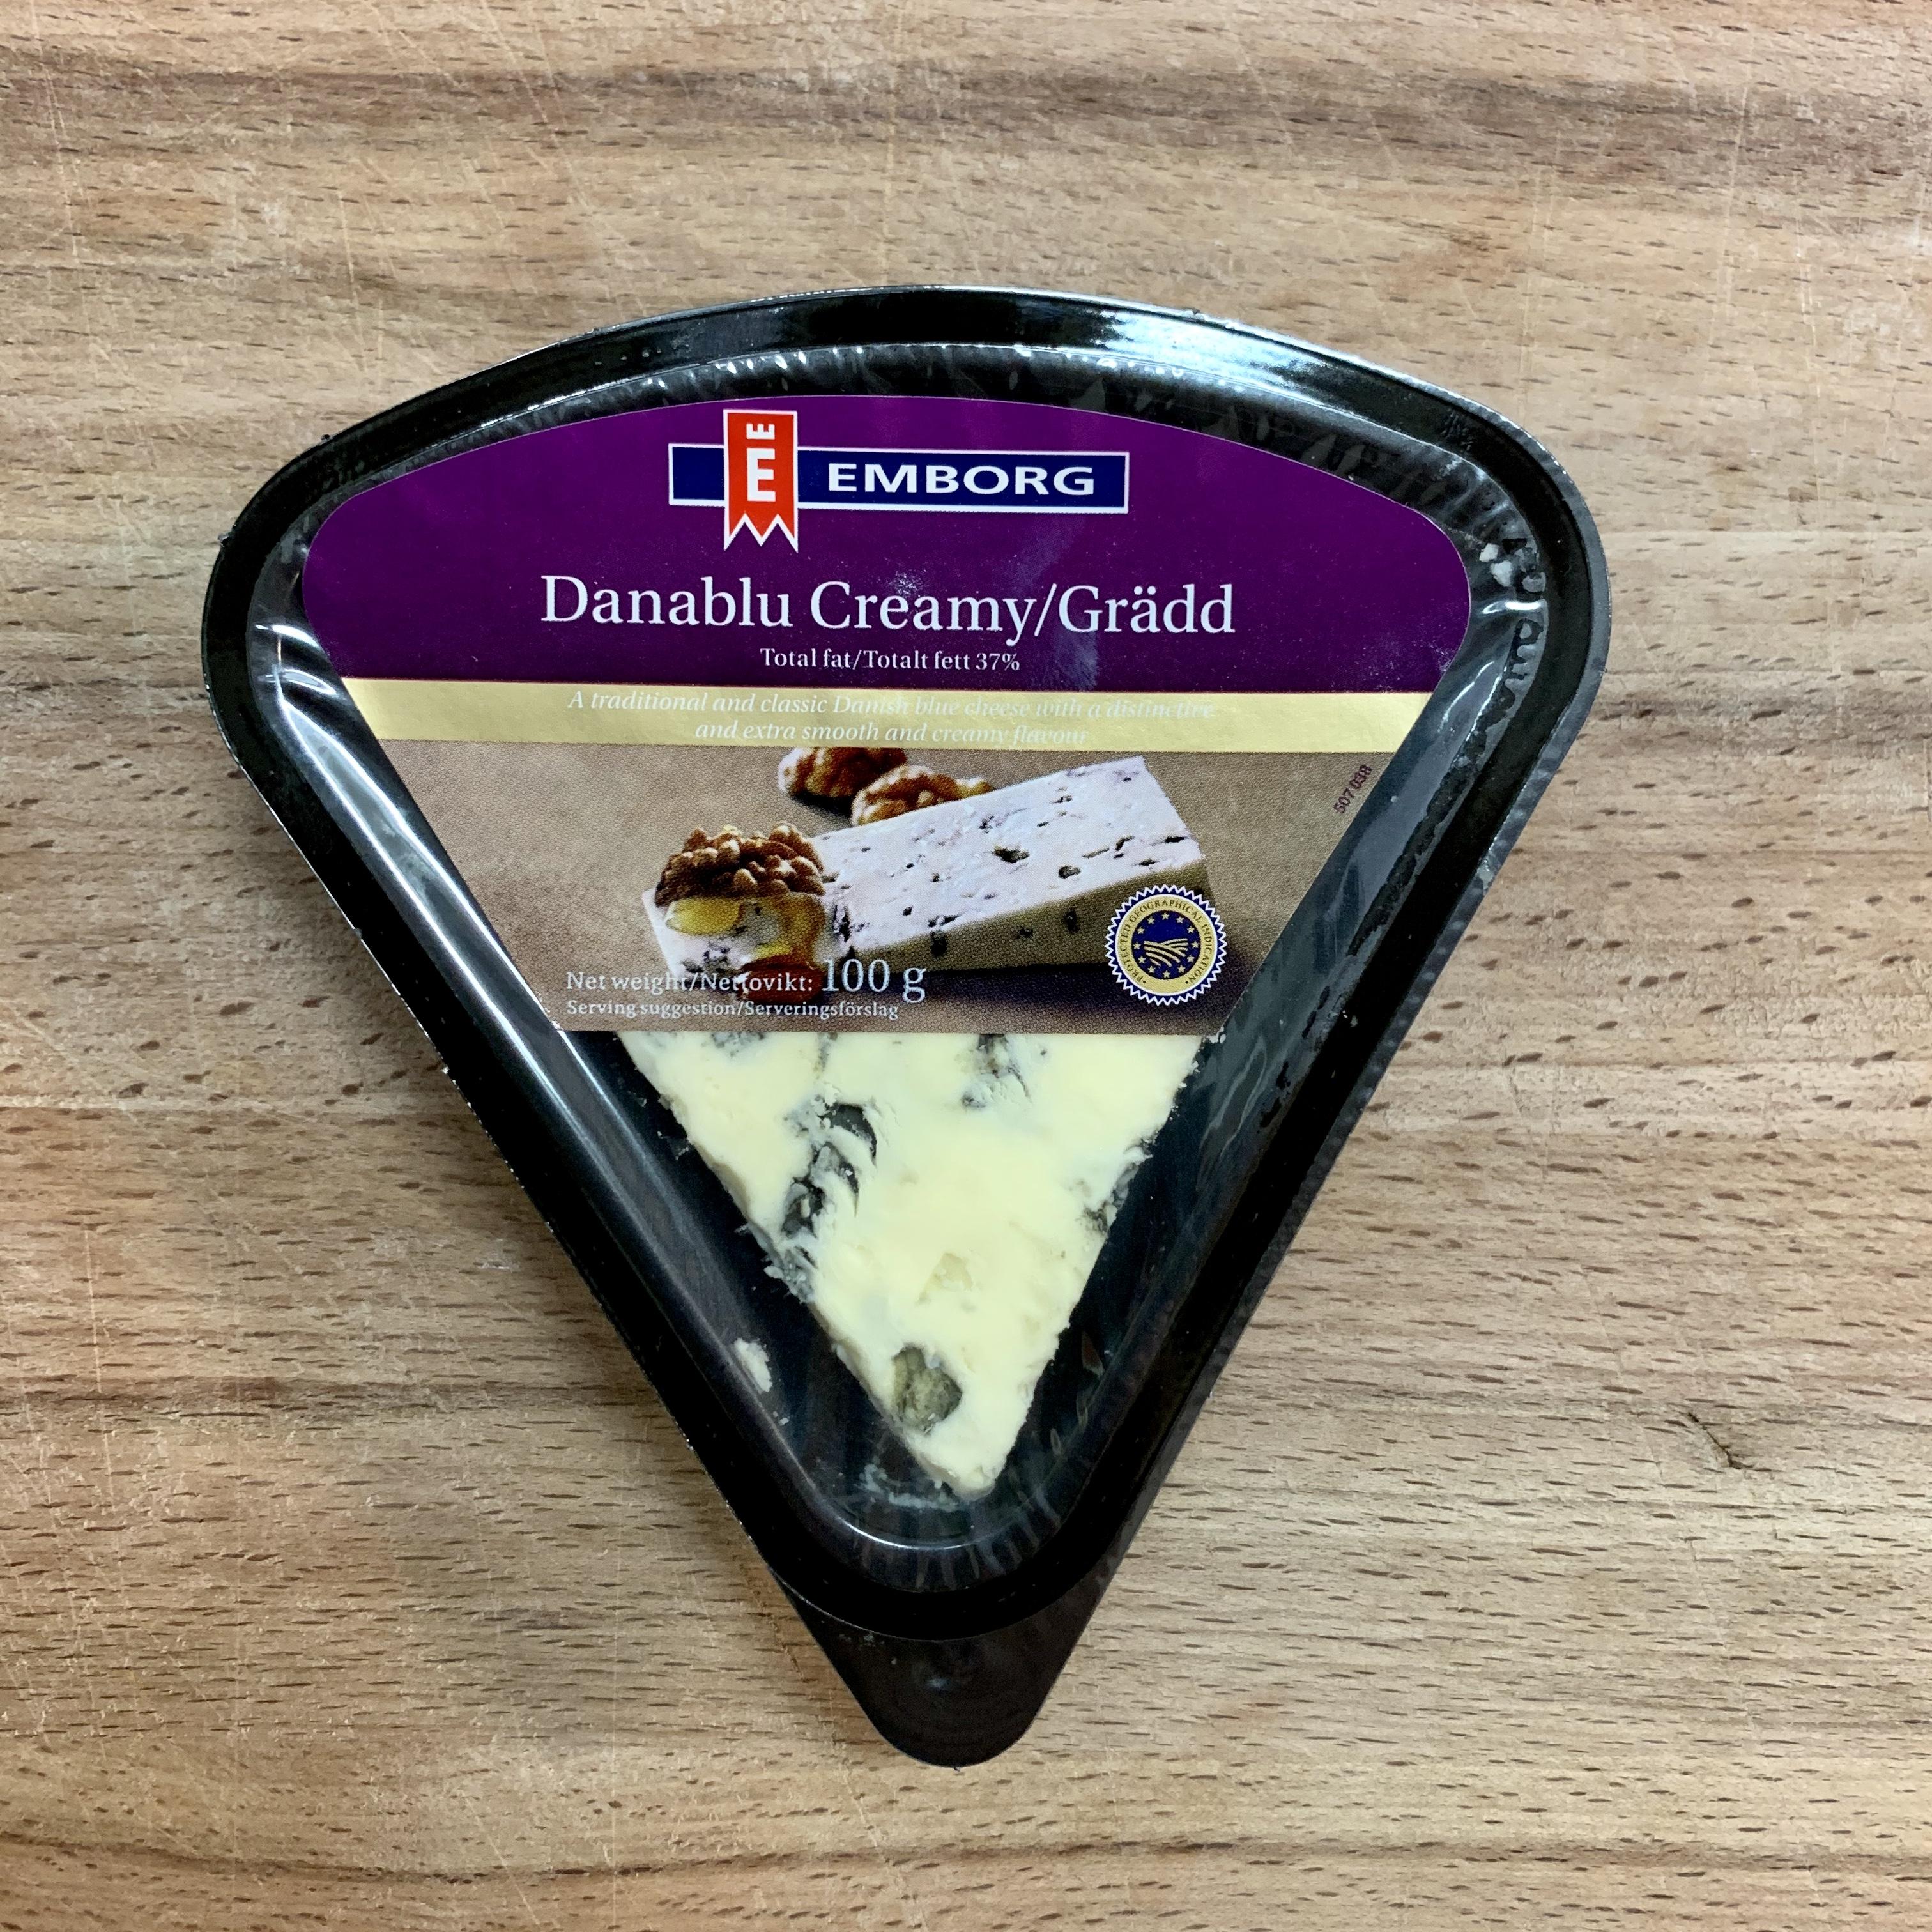 Danablu Creamy/Grädd